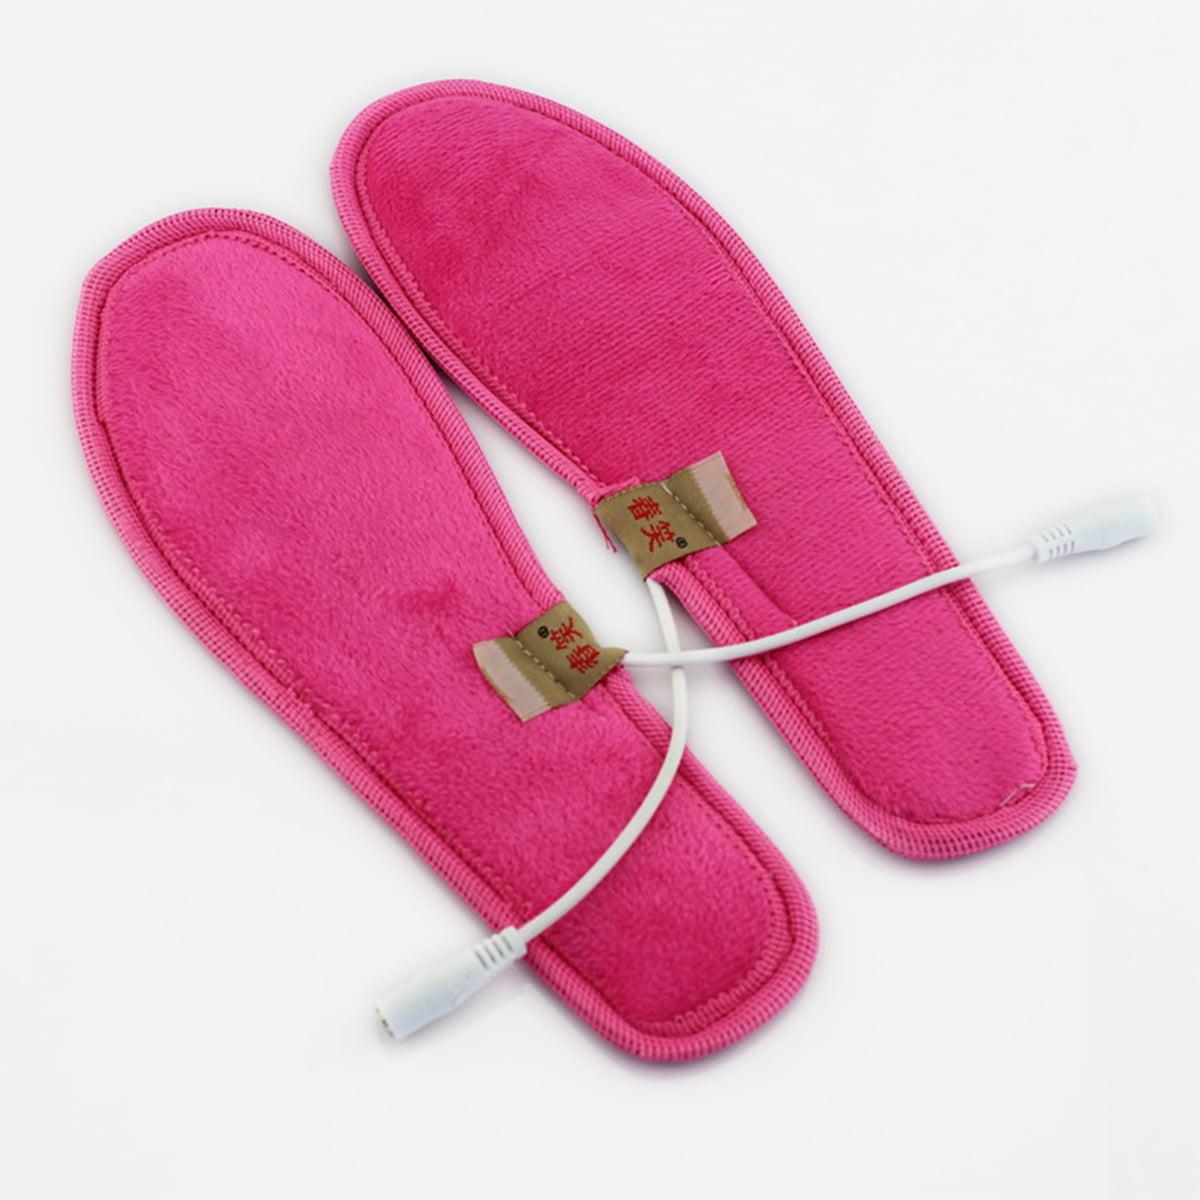 USB Electric Heated Shoe Insole Warm Sock Feet Heater Foot Winter Warmer Pads